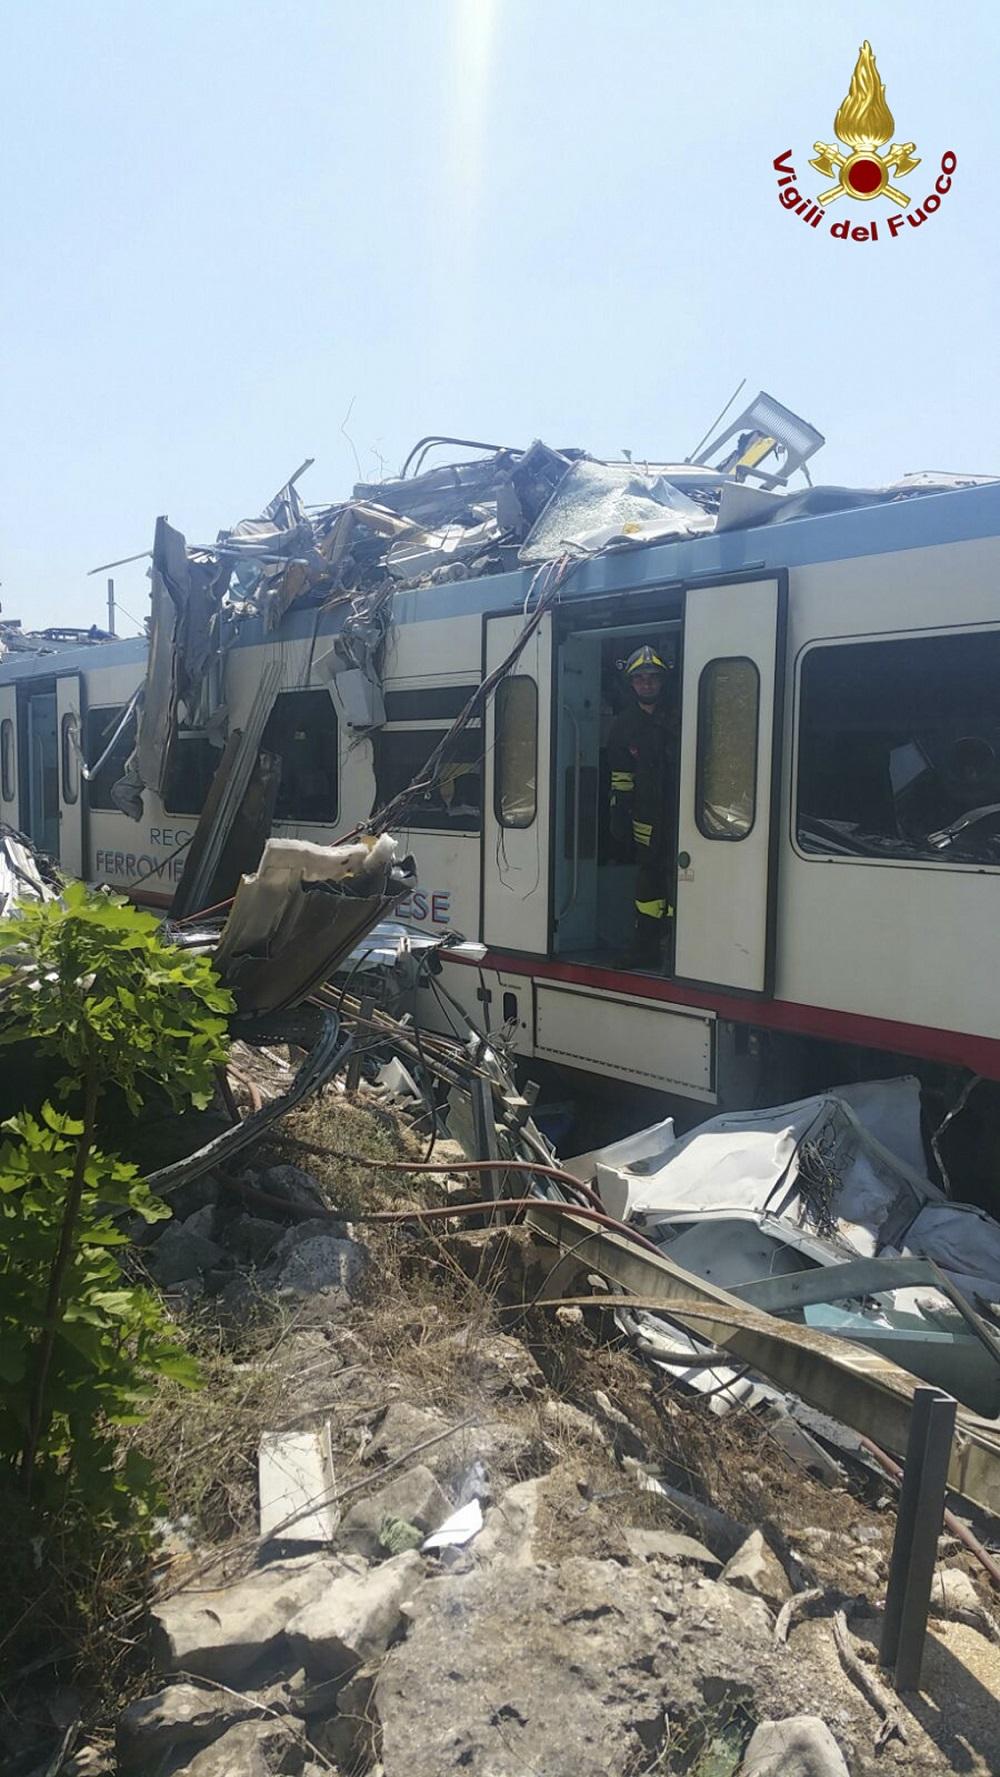 Imagen de uno de los vagones tras la colisión.